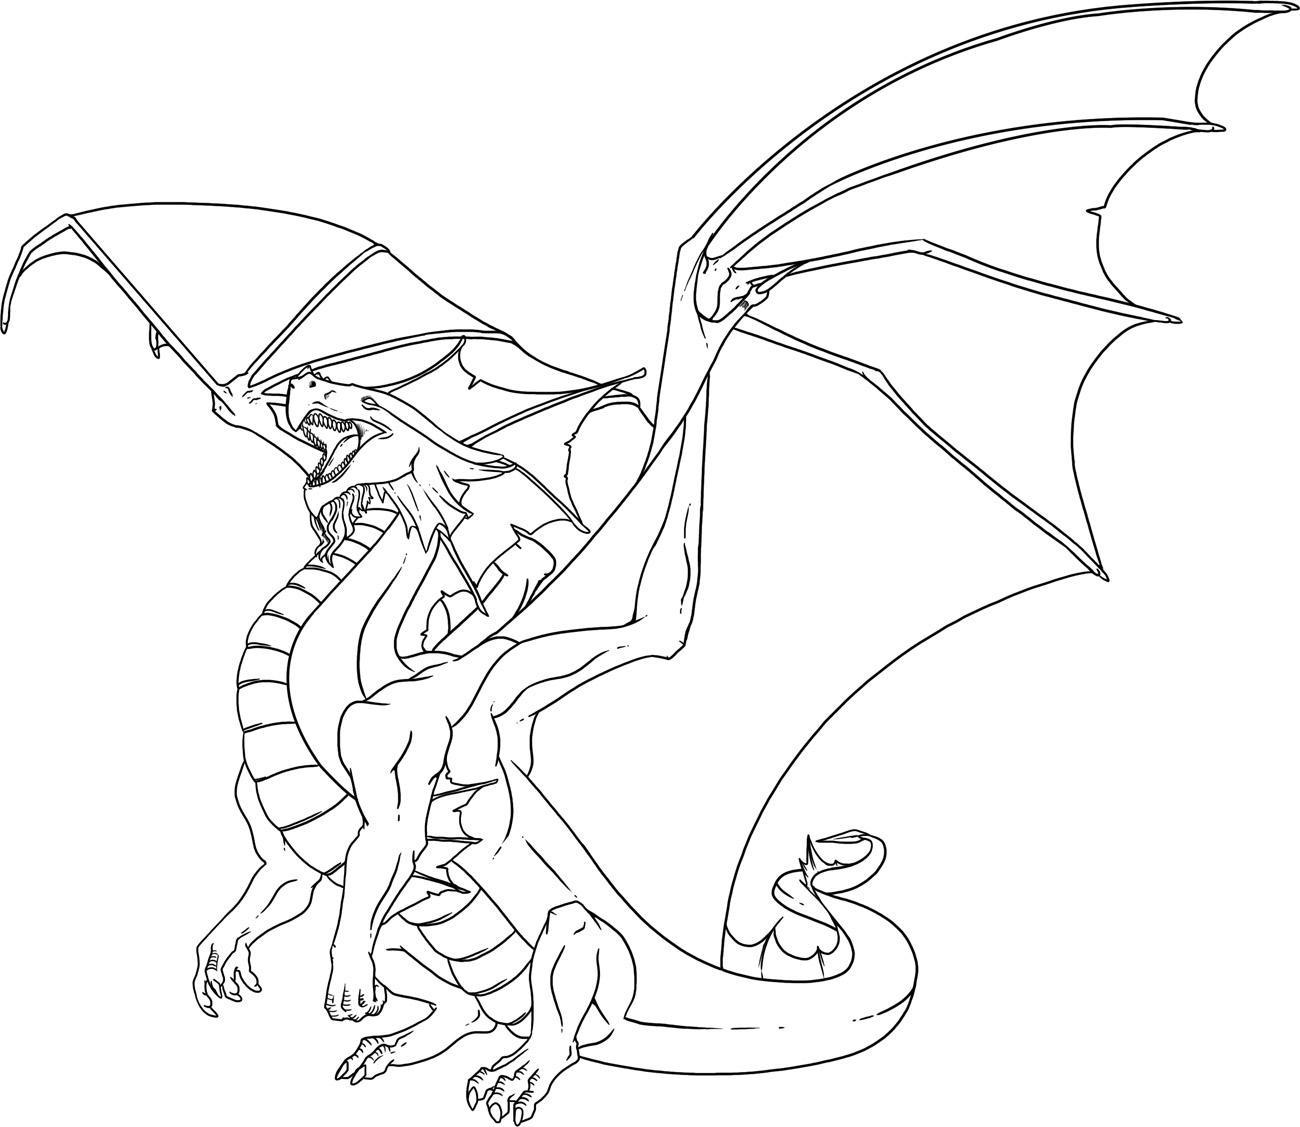 Дракон на взлете Раскраски для взрослых скачать